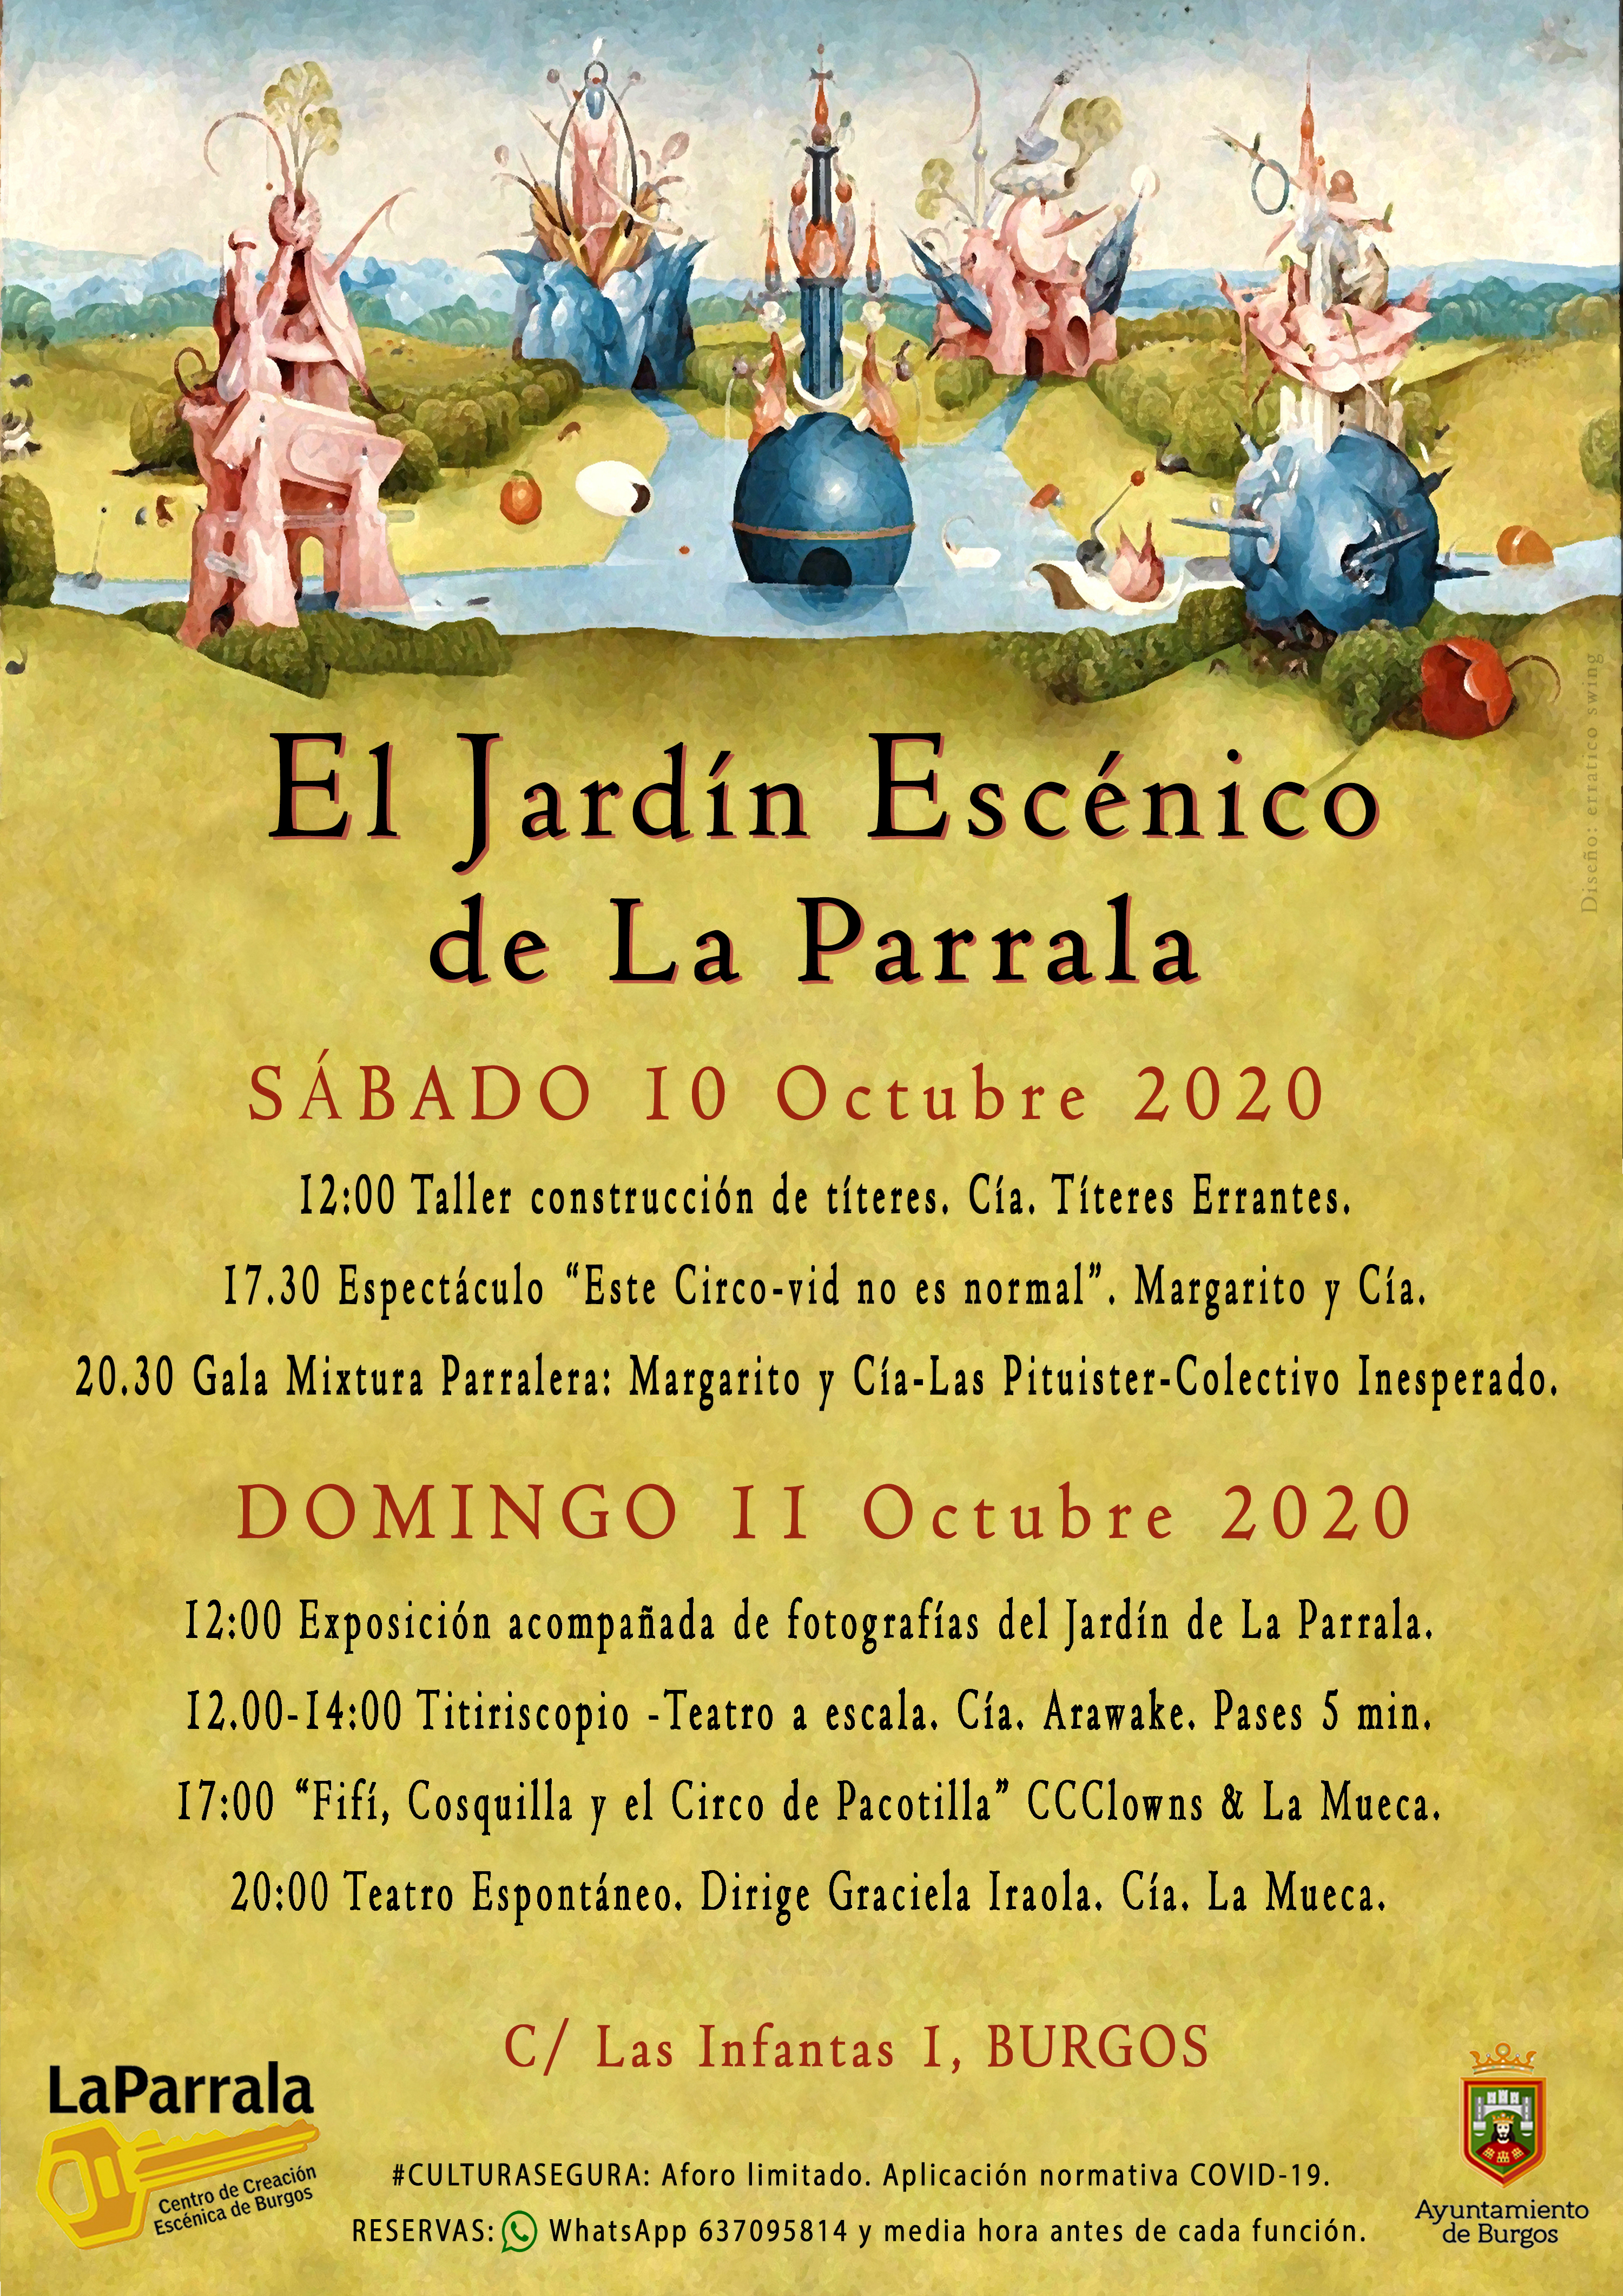 OPCION B PROGRAMACION A3 El JARDIN ESCENICO 2020